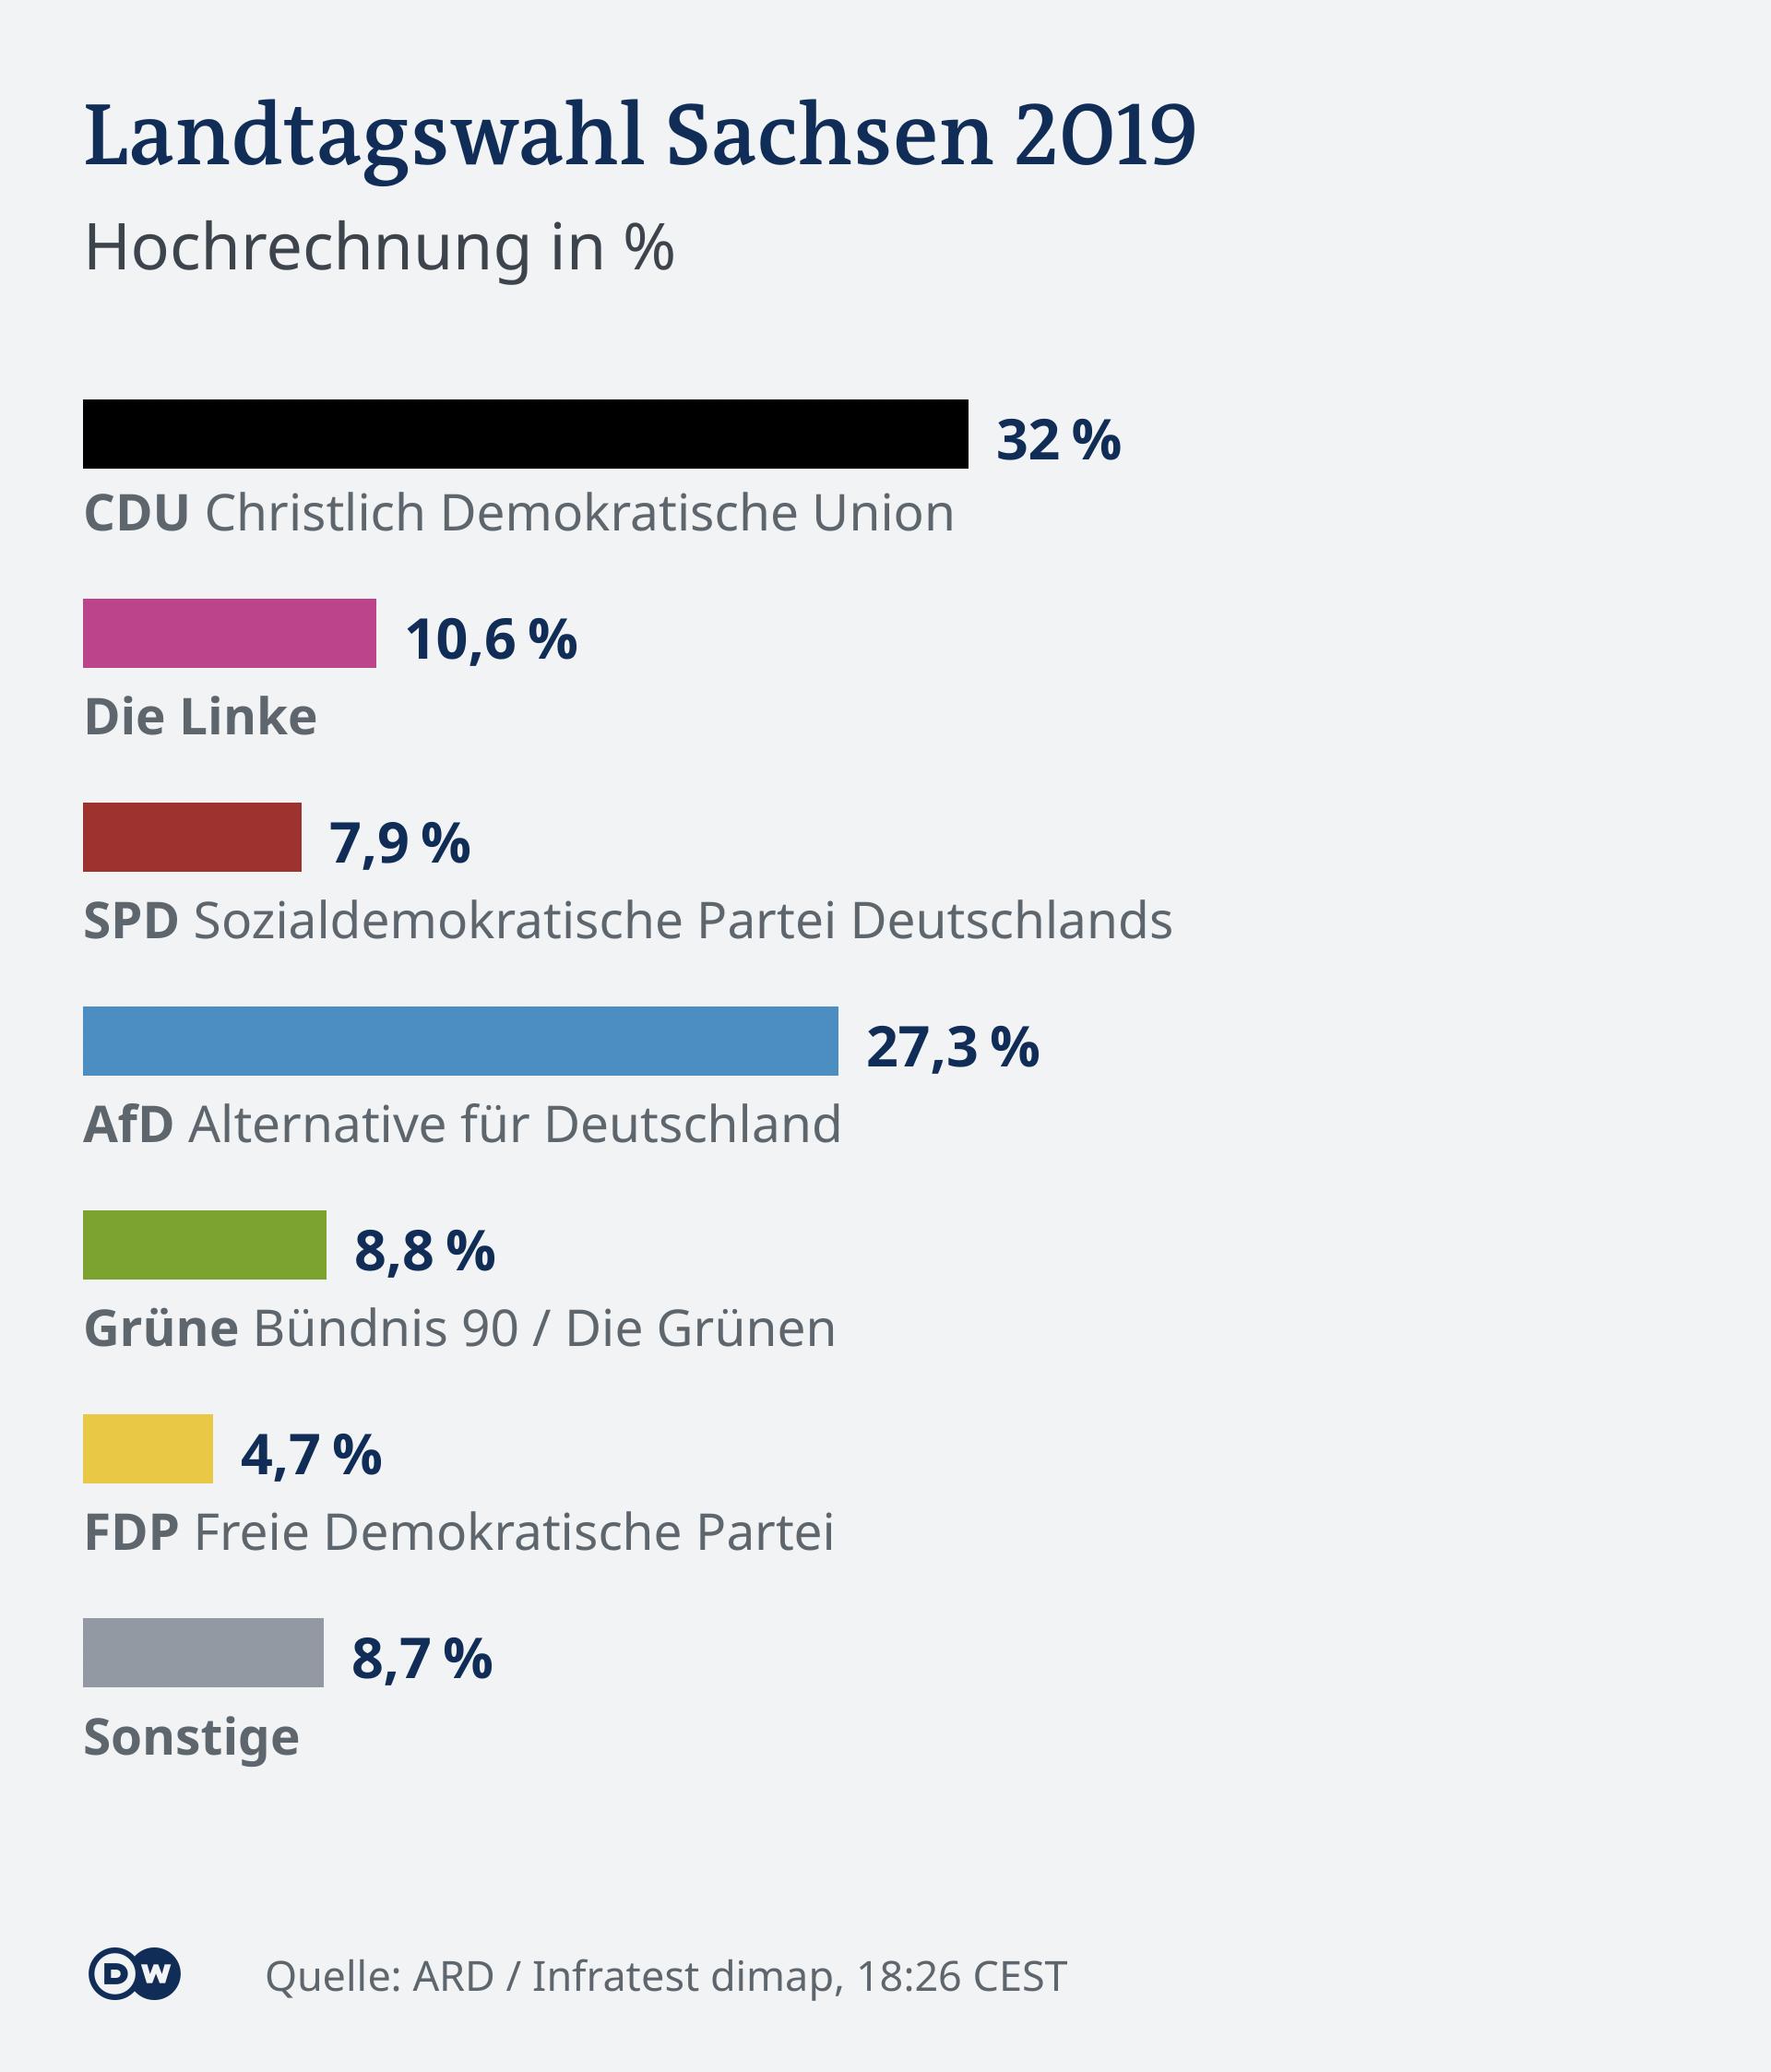 Landtagswahl Sachsen Hochrechnung